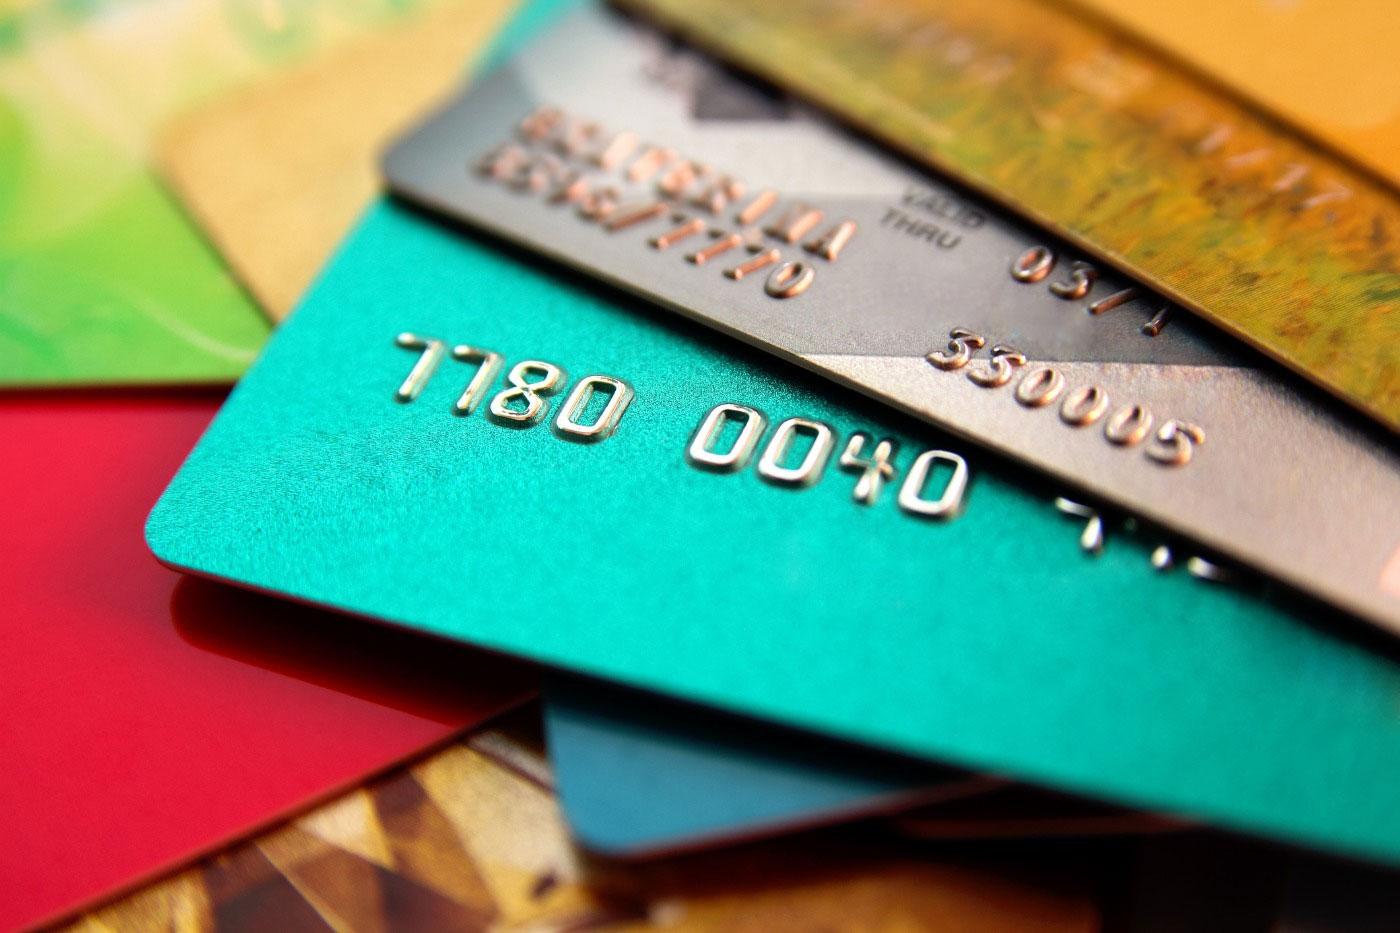 حساب اجاره ای و مجازات اجاره کارت بانکی